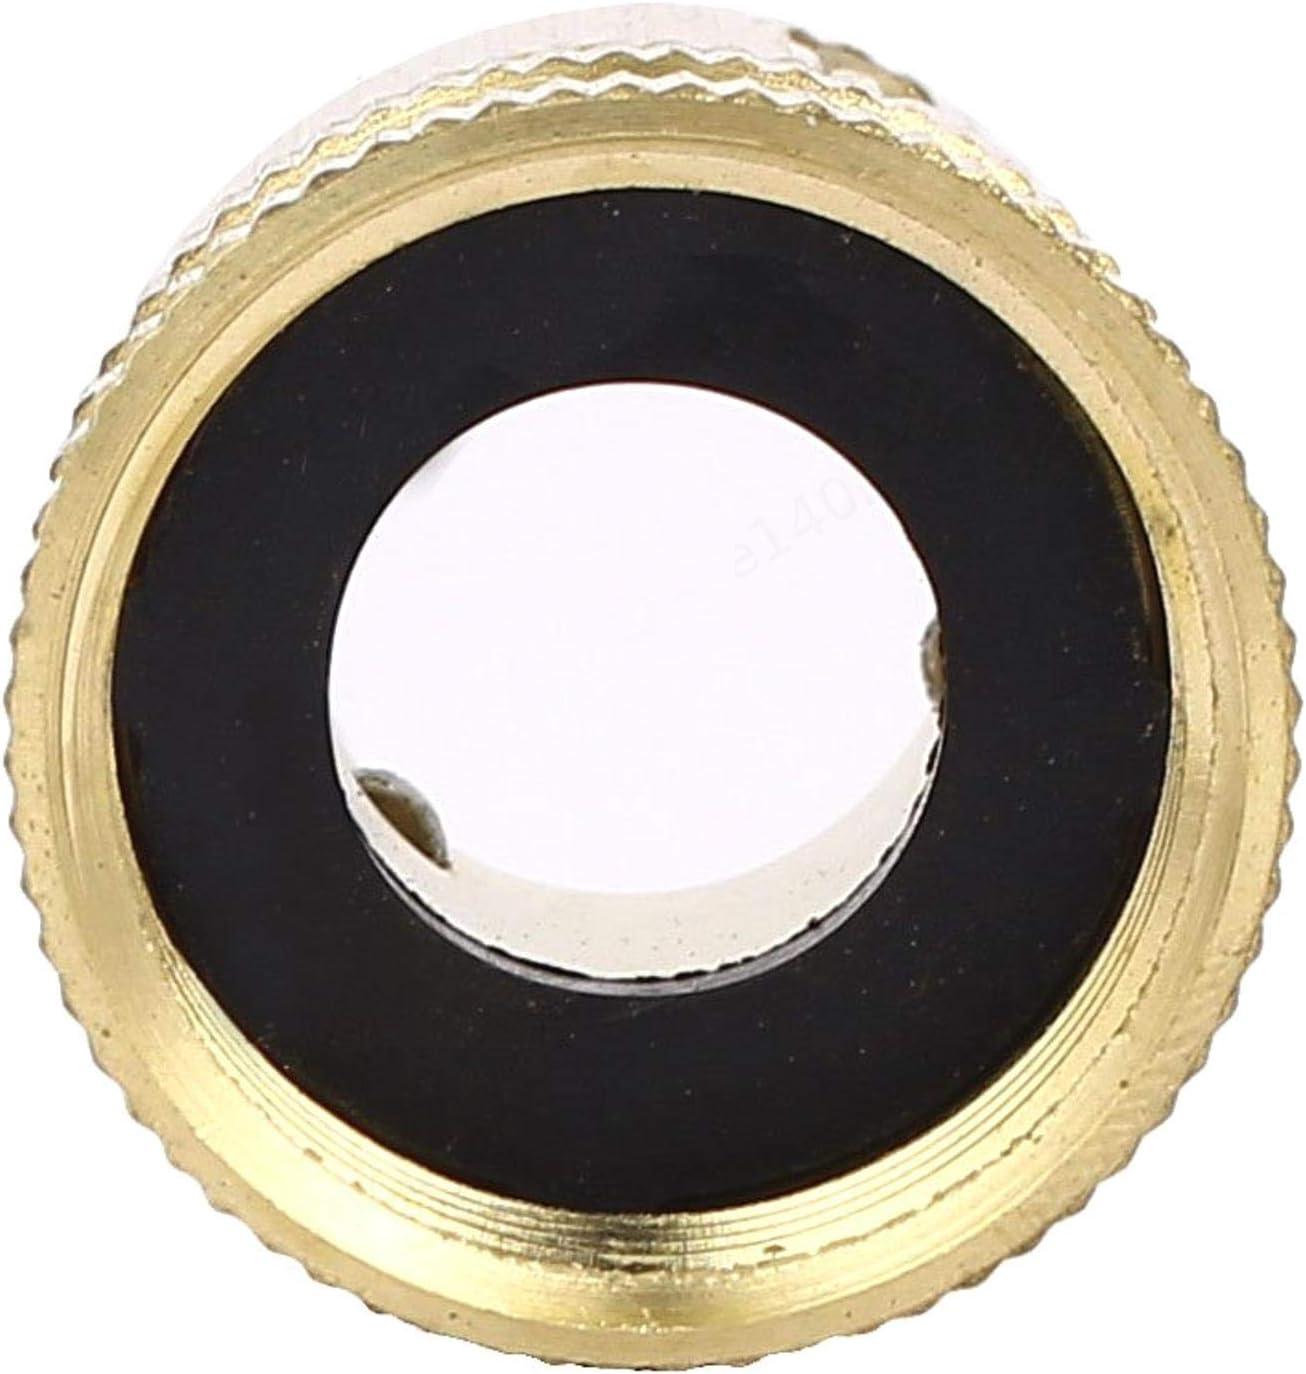 4BSP Laiton Filetage Femelle Tuyau deau Attache Rapide Connecteur pour Tuyau de Lavage de Voiture 17mm int/érieur Dia XILOSIN 3